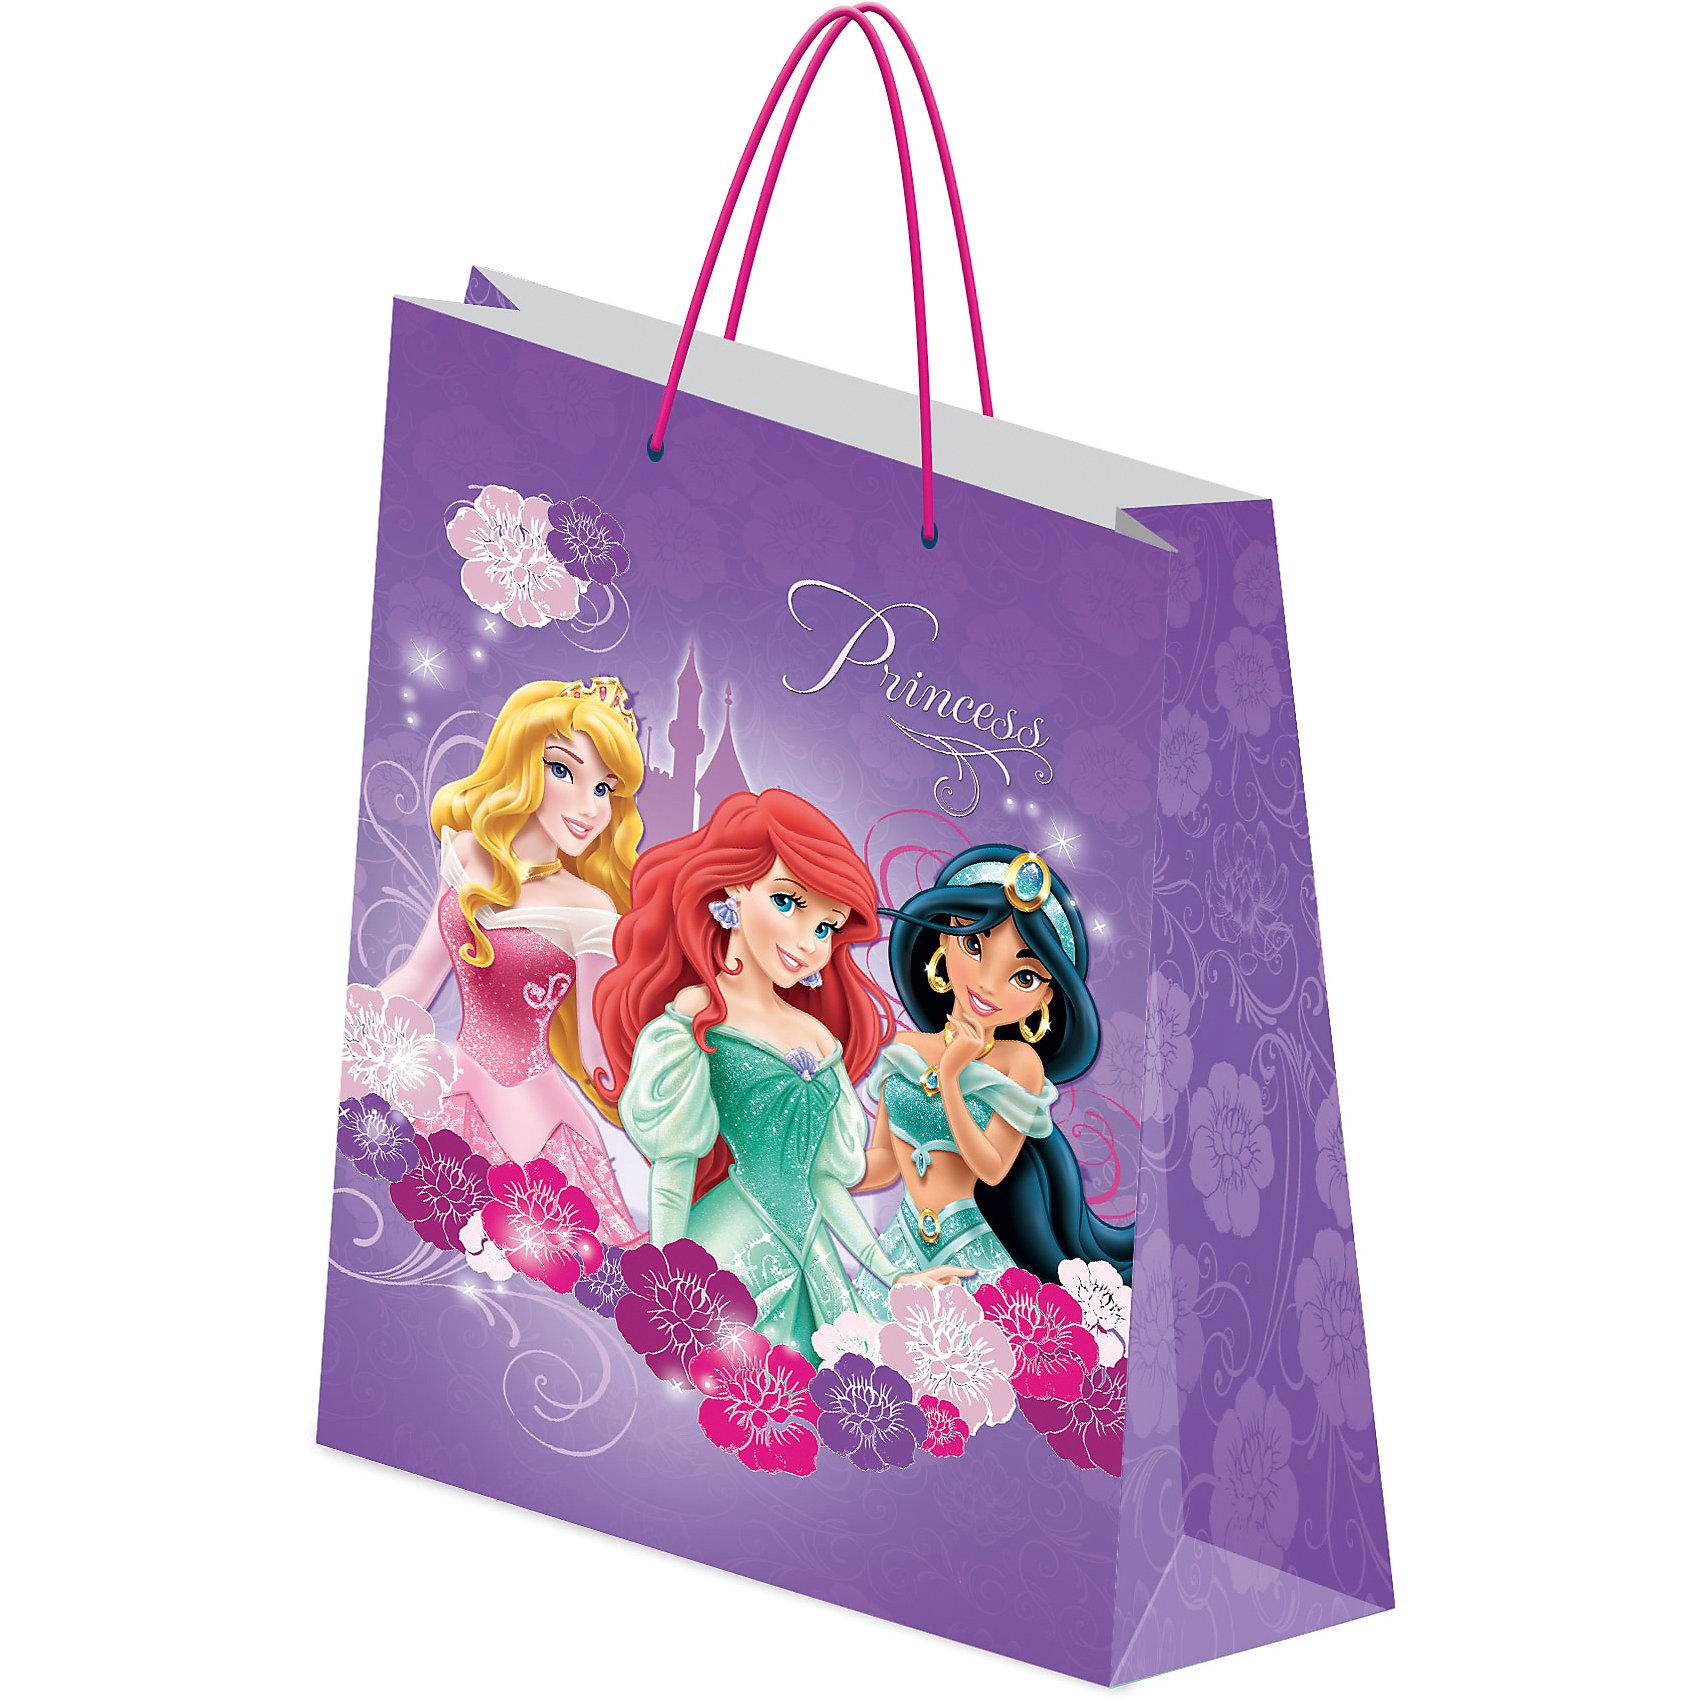 Подарочный пакет Принцессы Дисней 33*43*10 смПринцессы Дисней<br>Красиво упакованный подарок приятно получать вдвойне! Яркий пакет с любимыми героями станет прекрасным дополнением к любому подарку. <br><br>Дополнительная информация:<br><br>- Материал: бумага.<br>- Размер: 33х43х10 см. <br>- Эффект: матовая ламинация. <br><br>Подарочный пакет Принцессы Дисней (Disney princess) 33х43х10 см, можно купить в нашем магазине.<br><br>Ширина мм: 330<br>Глубина мм: 100<br>Высота мм: 430<br>Вес г: 100<br>Возраст от месяцев: 48<br>Возраст до месяцев: 84<br>Пол: Женский<br>Возраст: Детский<br>SKU: 4319914